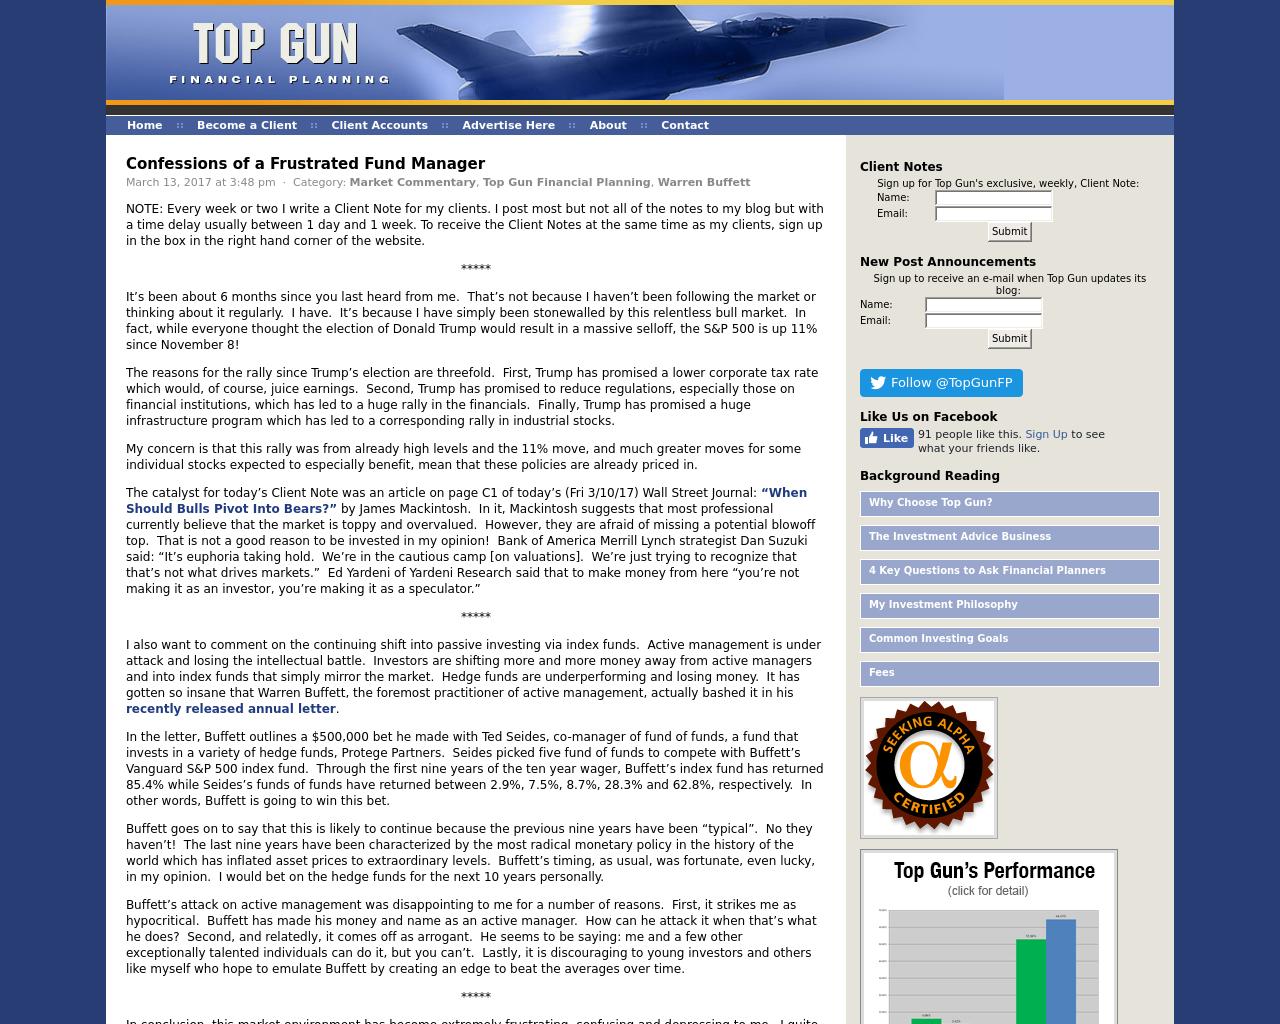 Top-Gun-Financial-Planning-Advertising-Reviews-Pricing